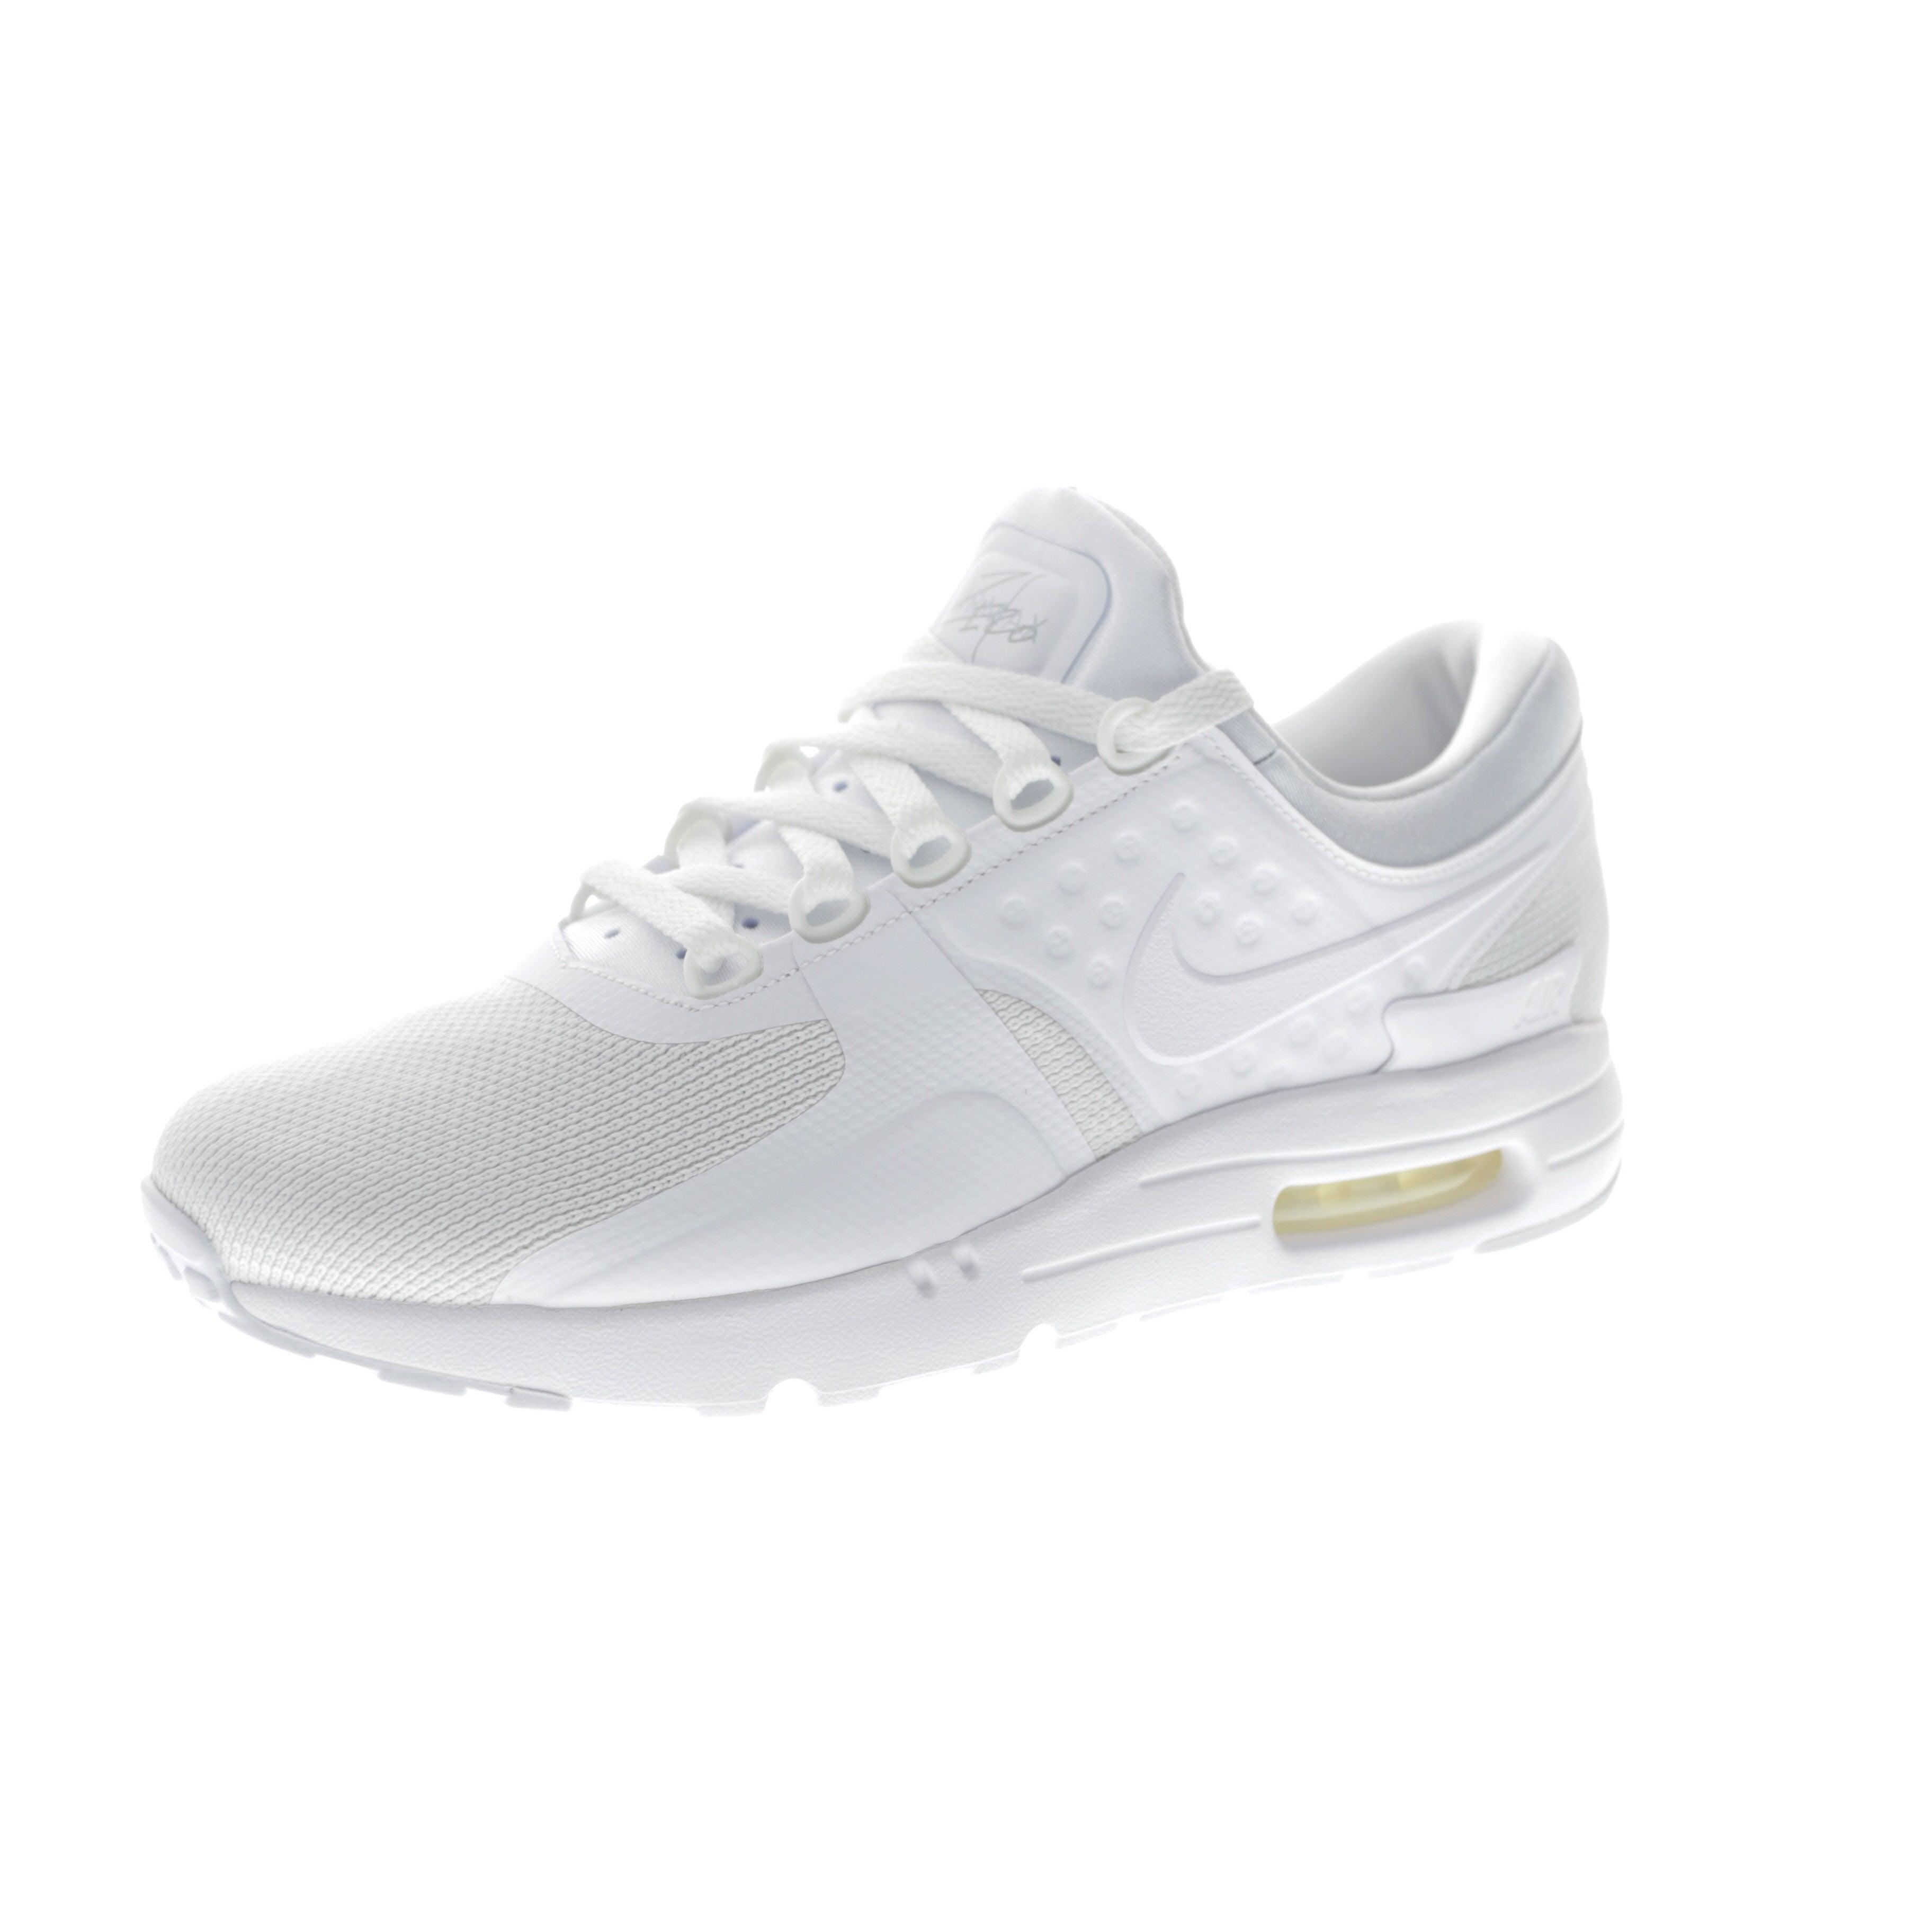 Nike Air Max Zero Essential WhiteGrey